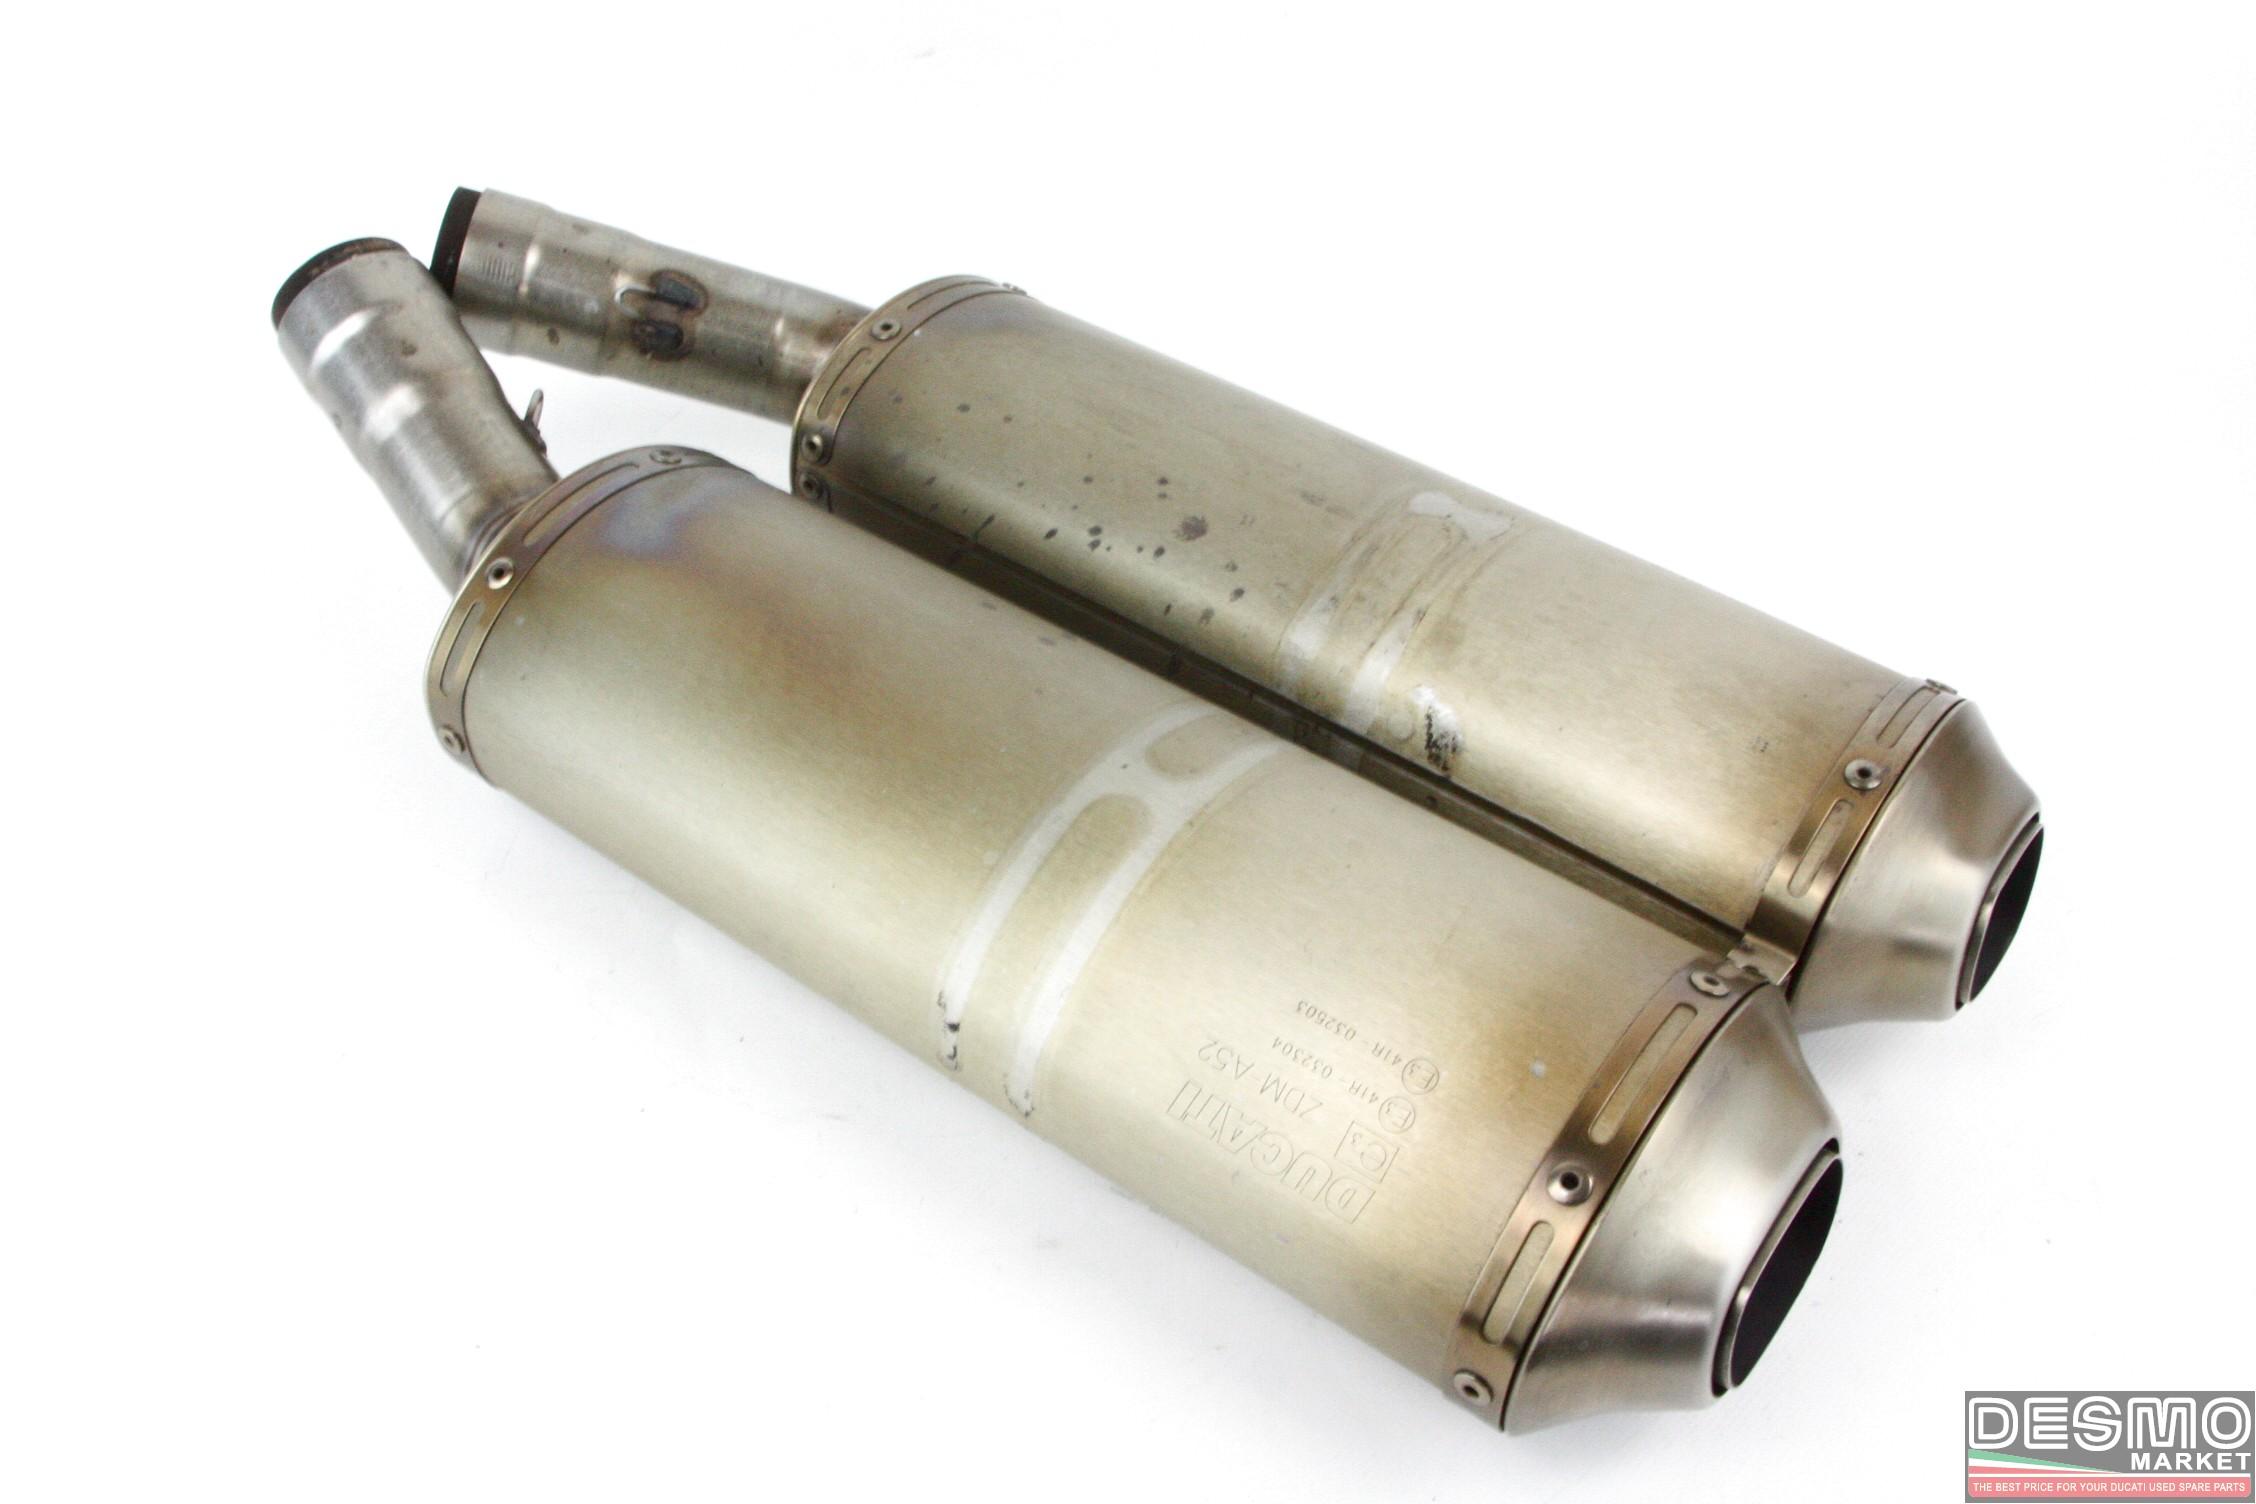 Original Ducati Exhaust Silencers 848 1098 Desmo Market 748 Fuel Pump Wiring